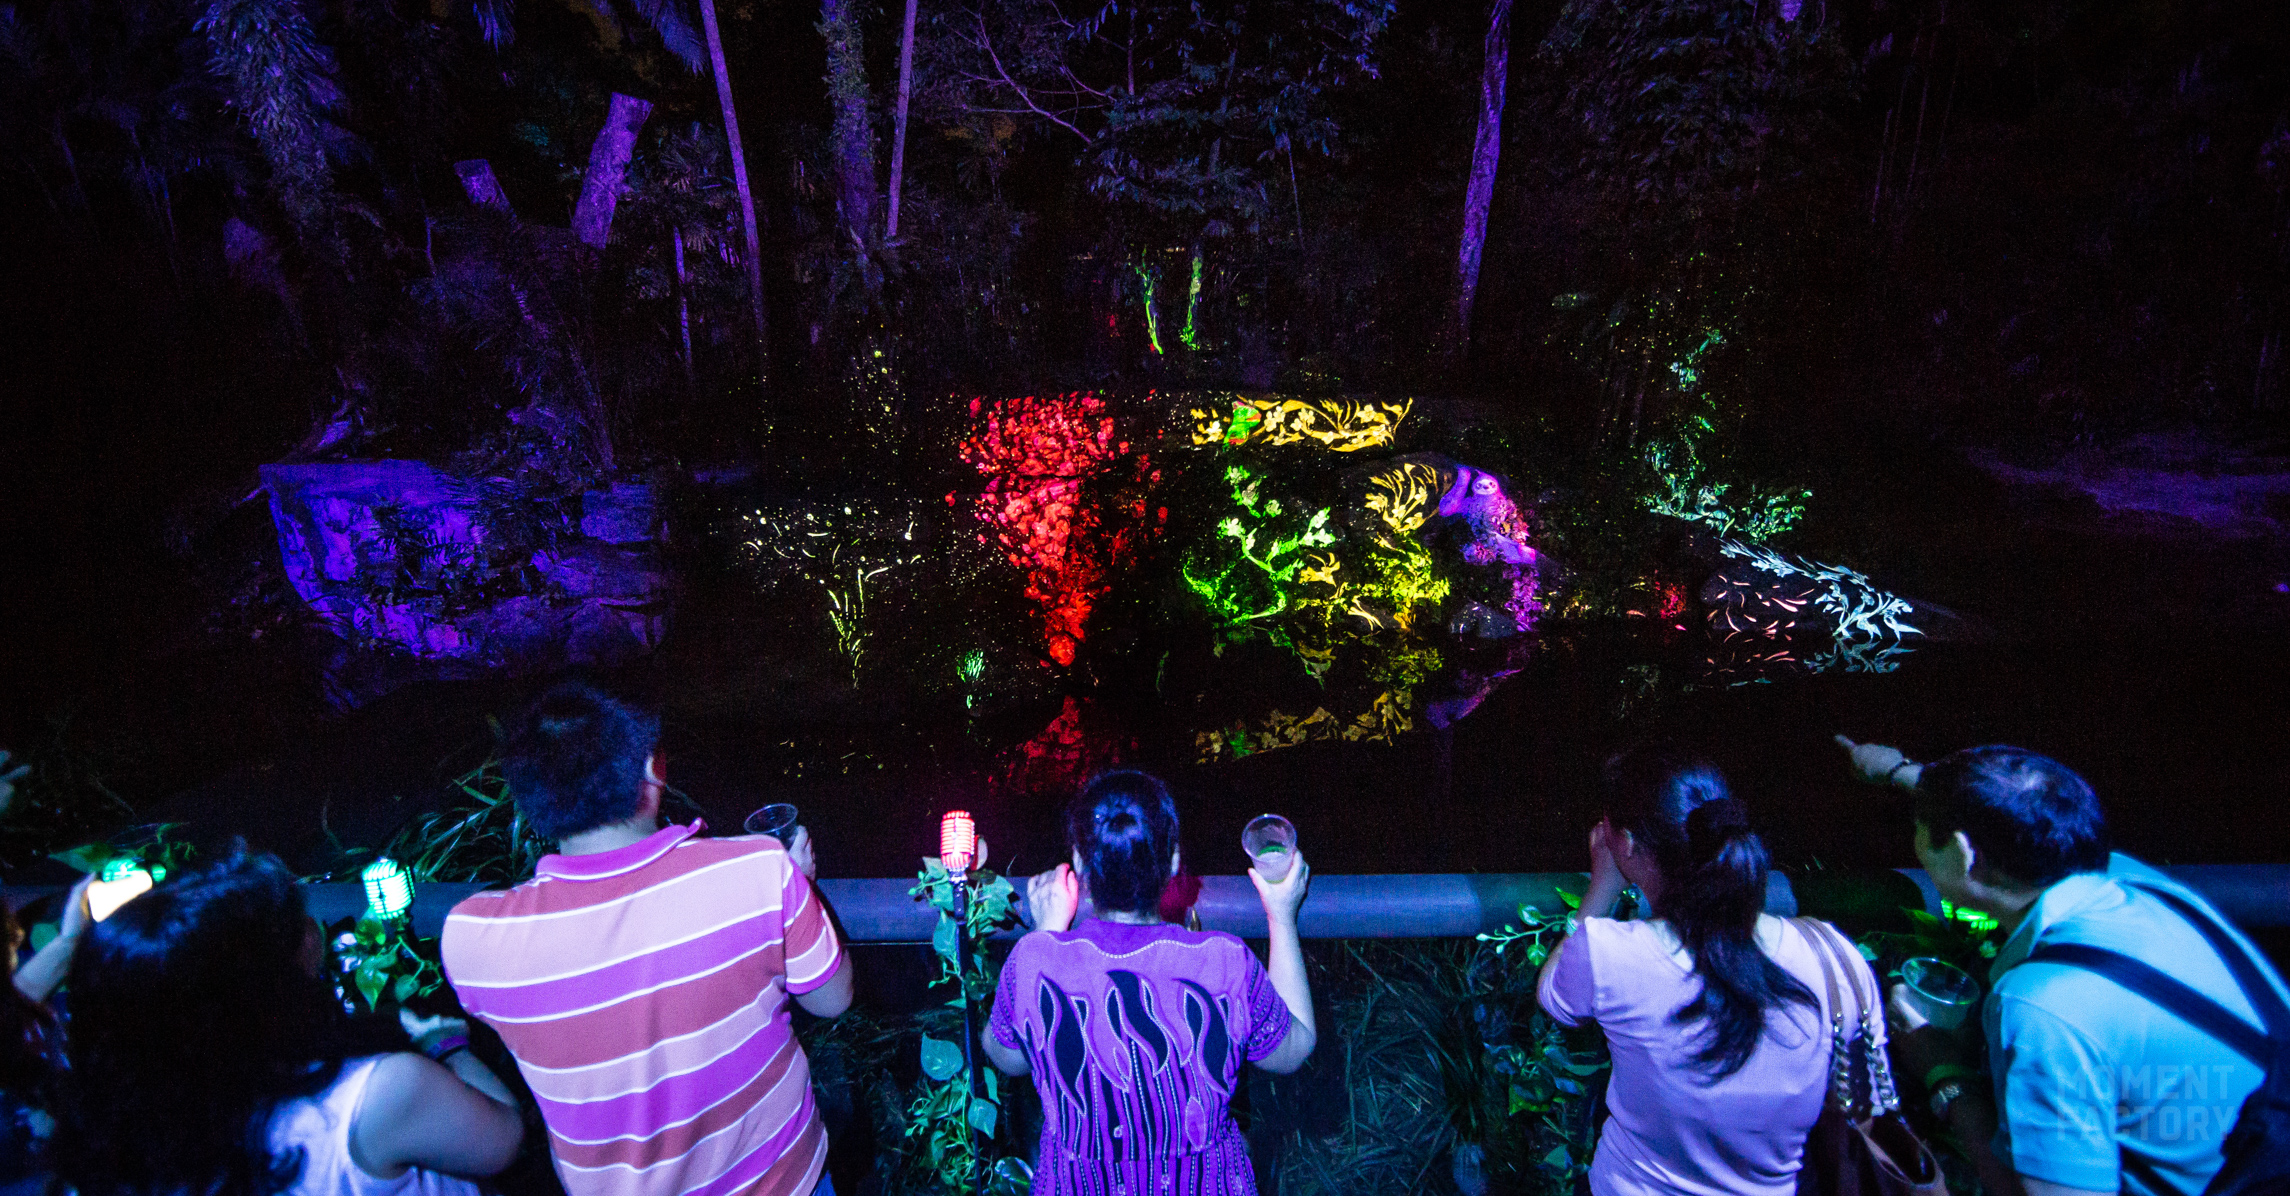 Rainforest Lumina A Collaboration Between Moment Factory